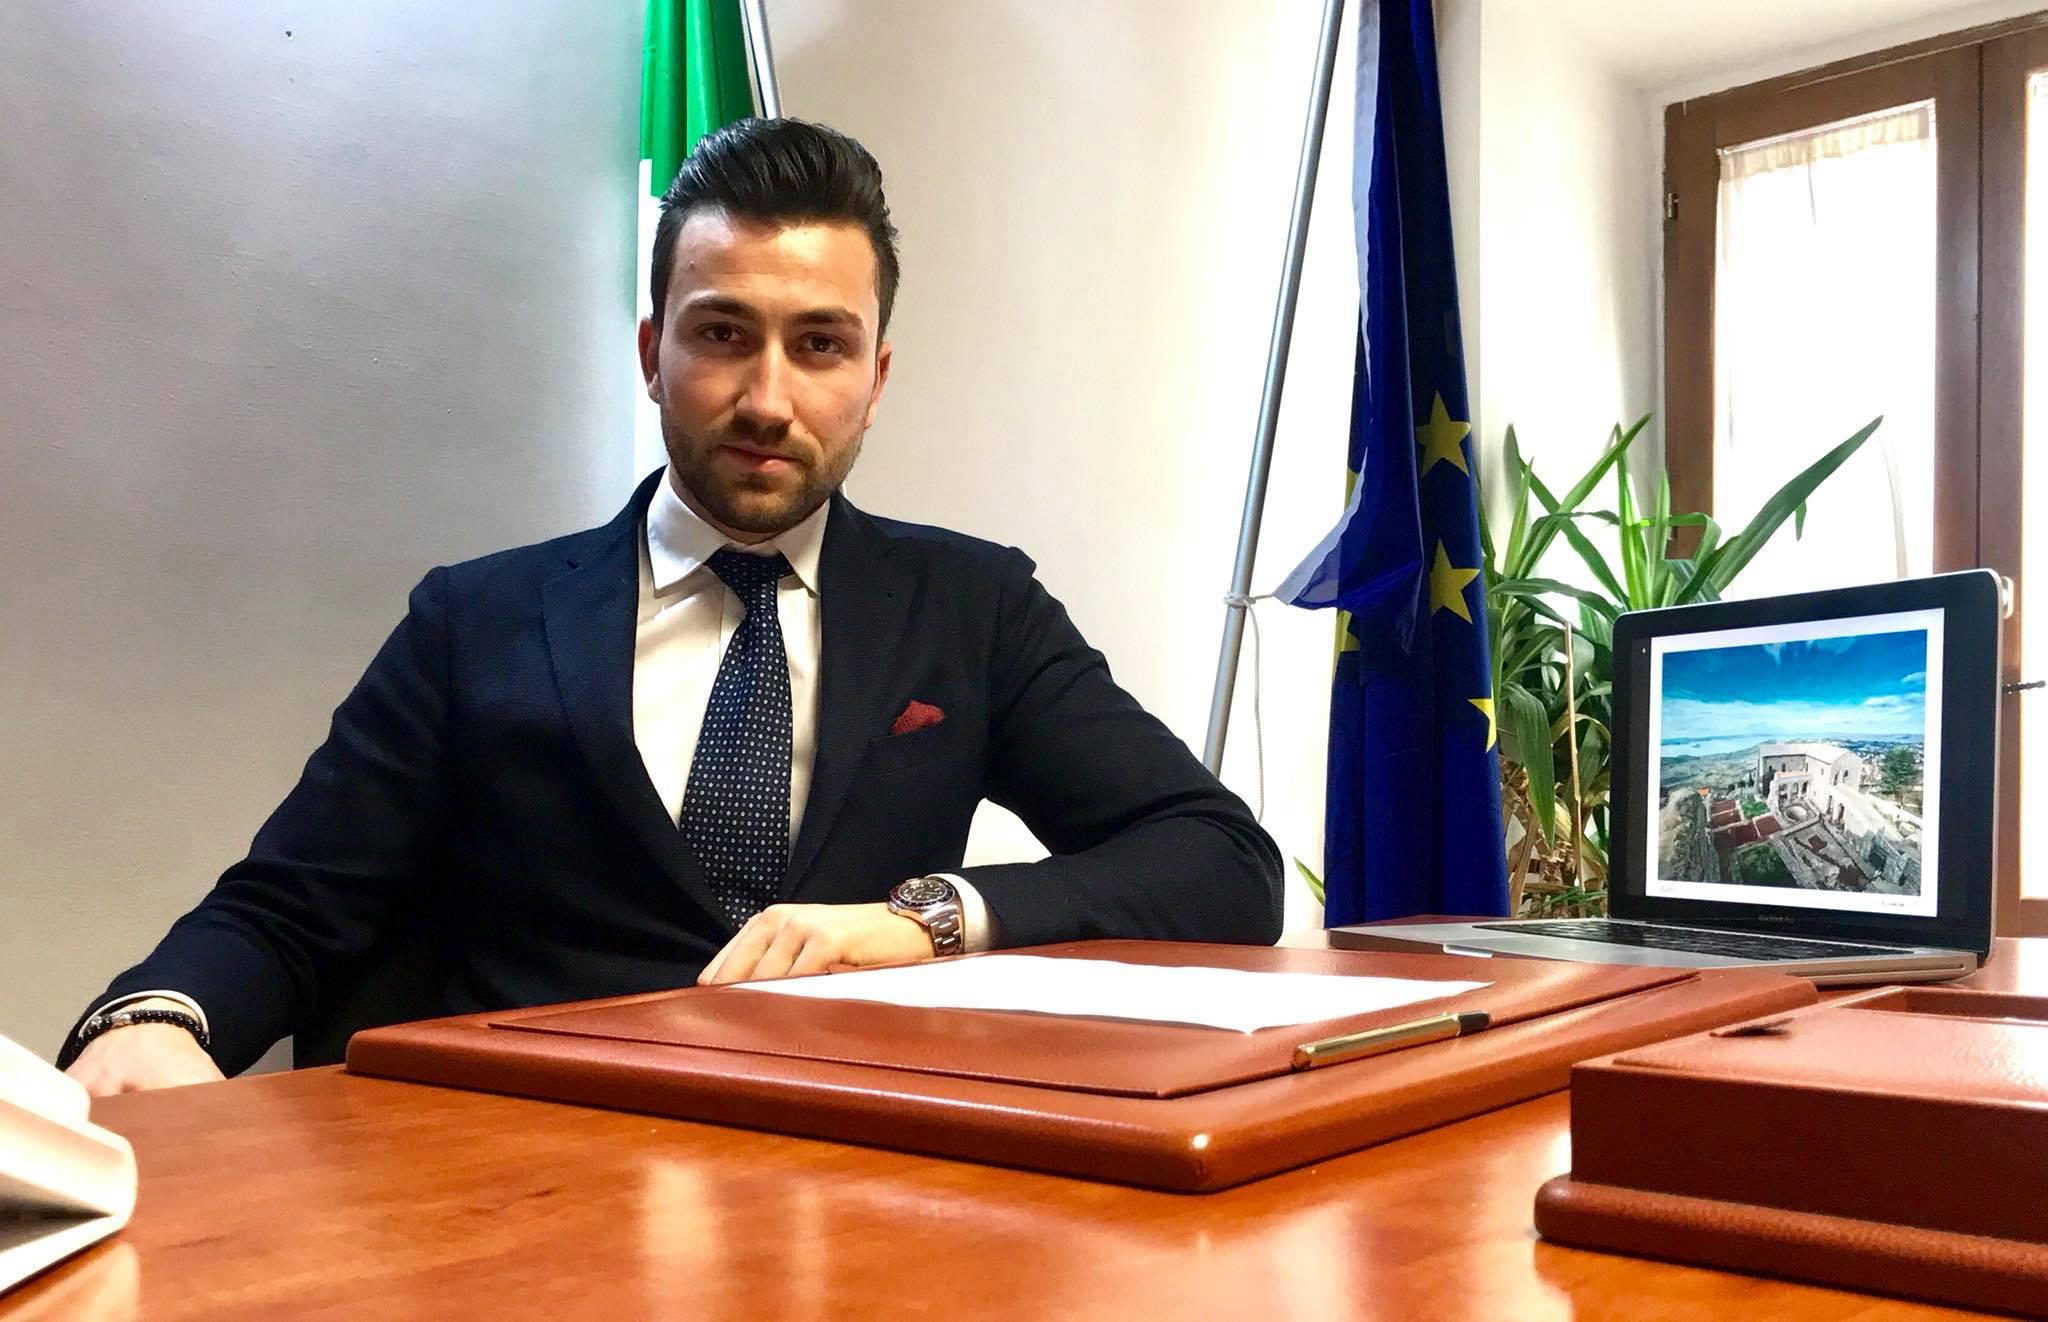 """Verso le politiche, intervista esclusiva: """"Energia e competenza, la mia politica"""", cittapaese.it incontra Fabio Notazio, candidato F.I. alla Camera"""